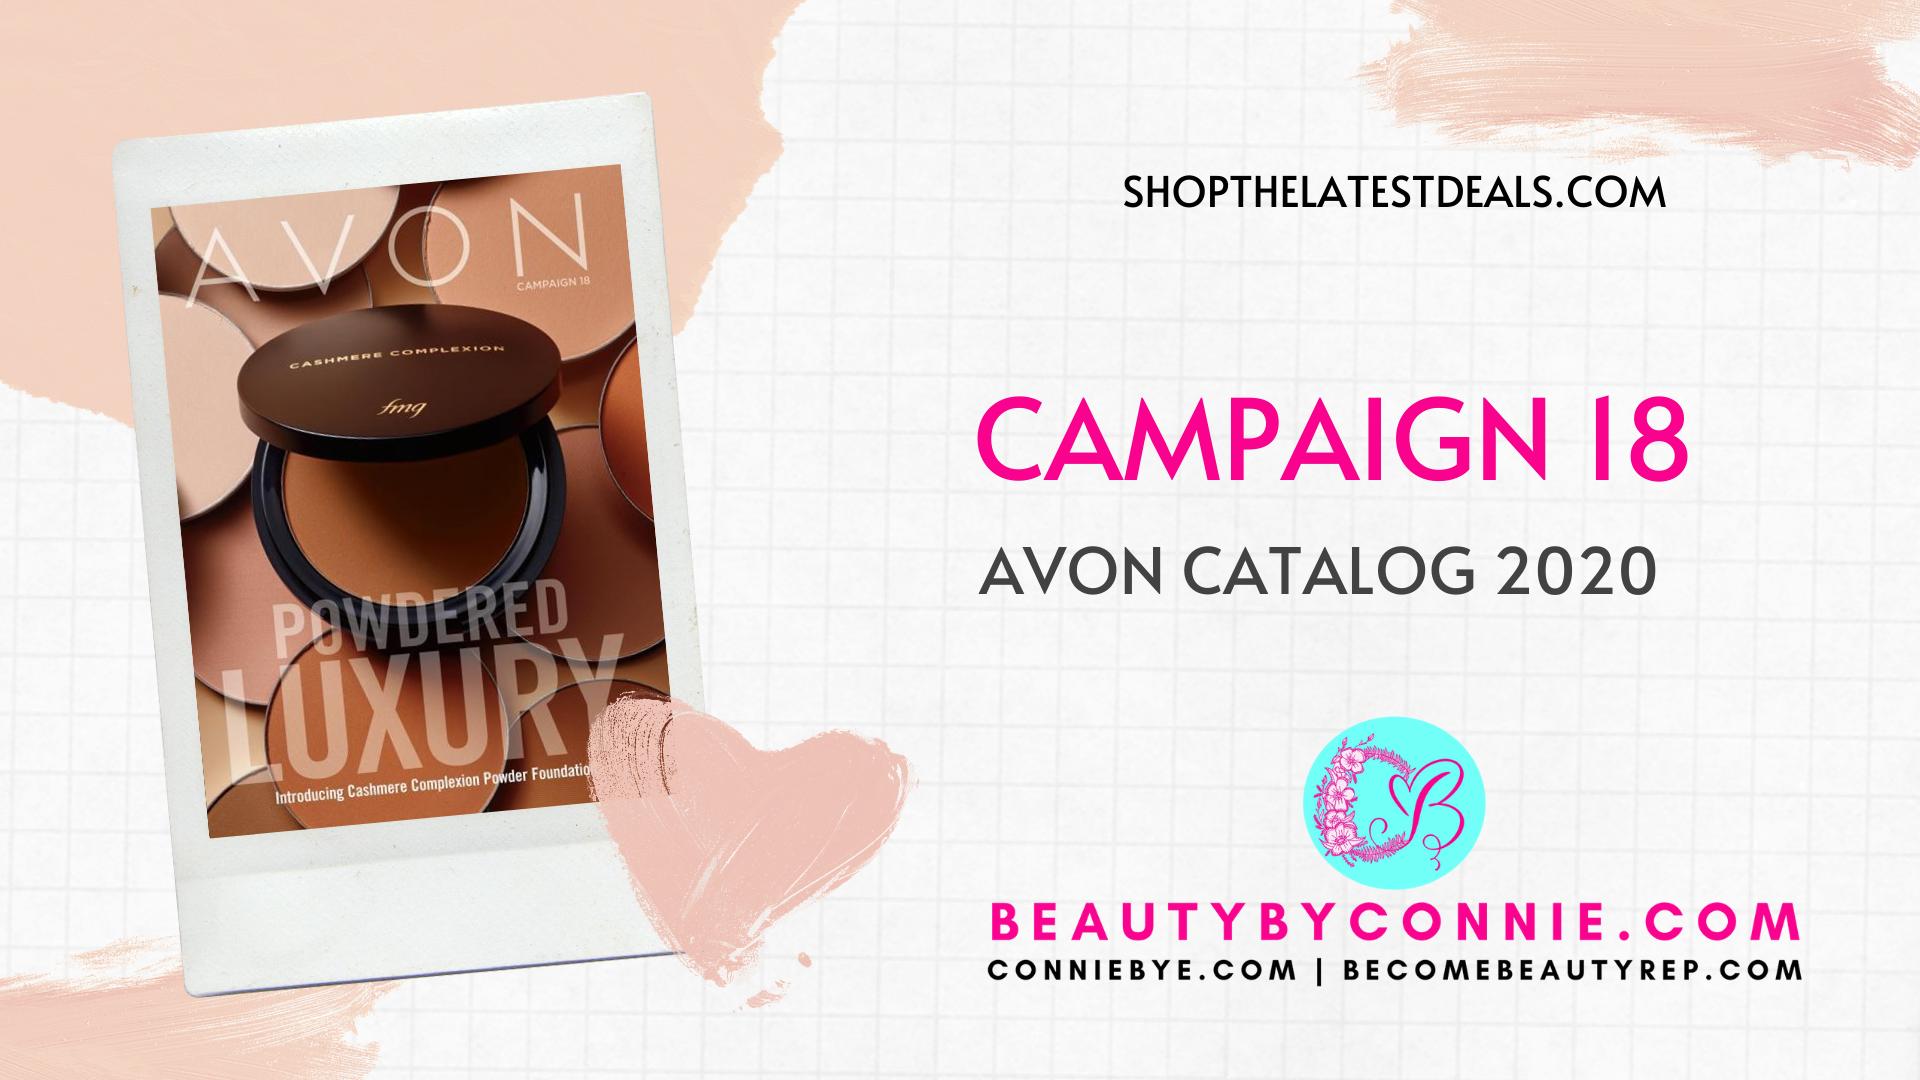 Avon Campaign 18 Catalog 2020